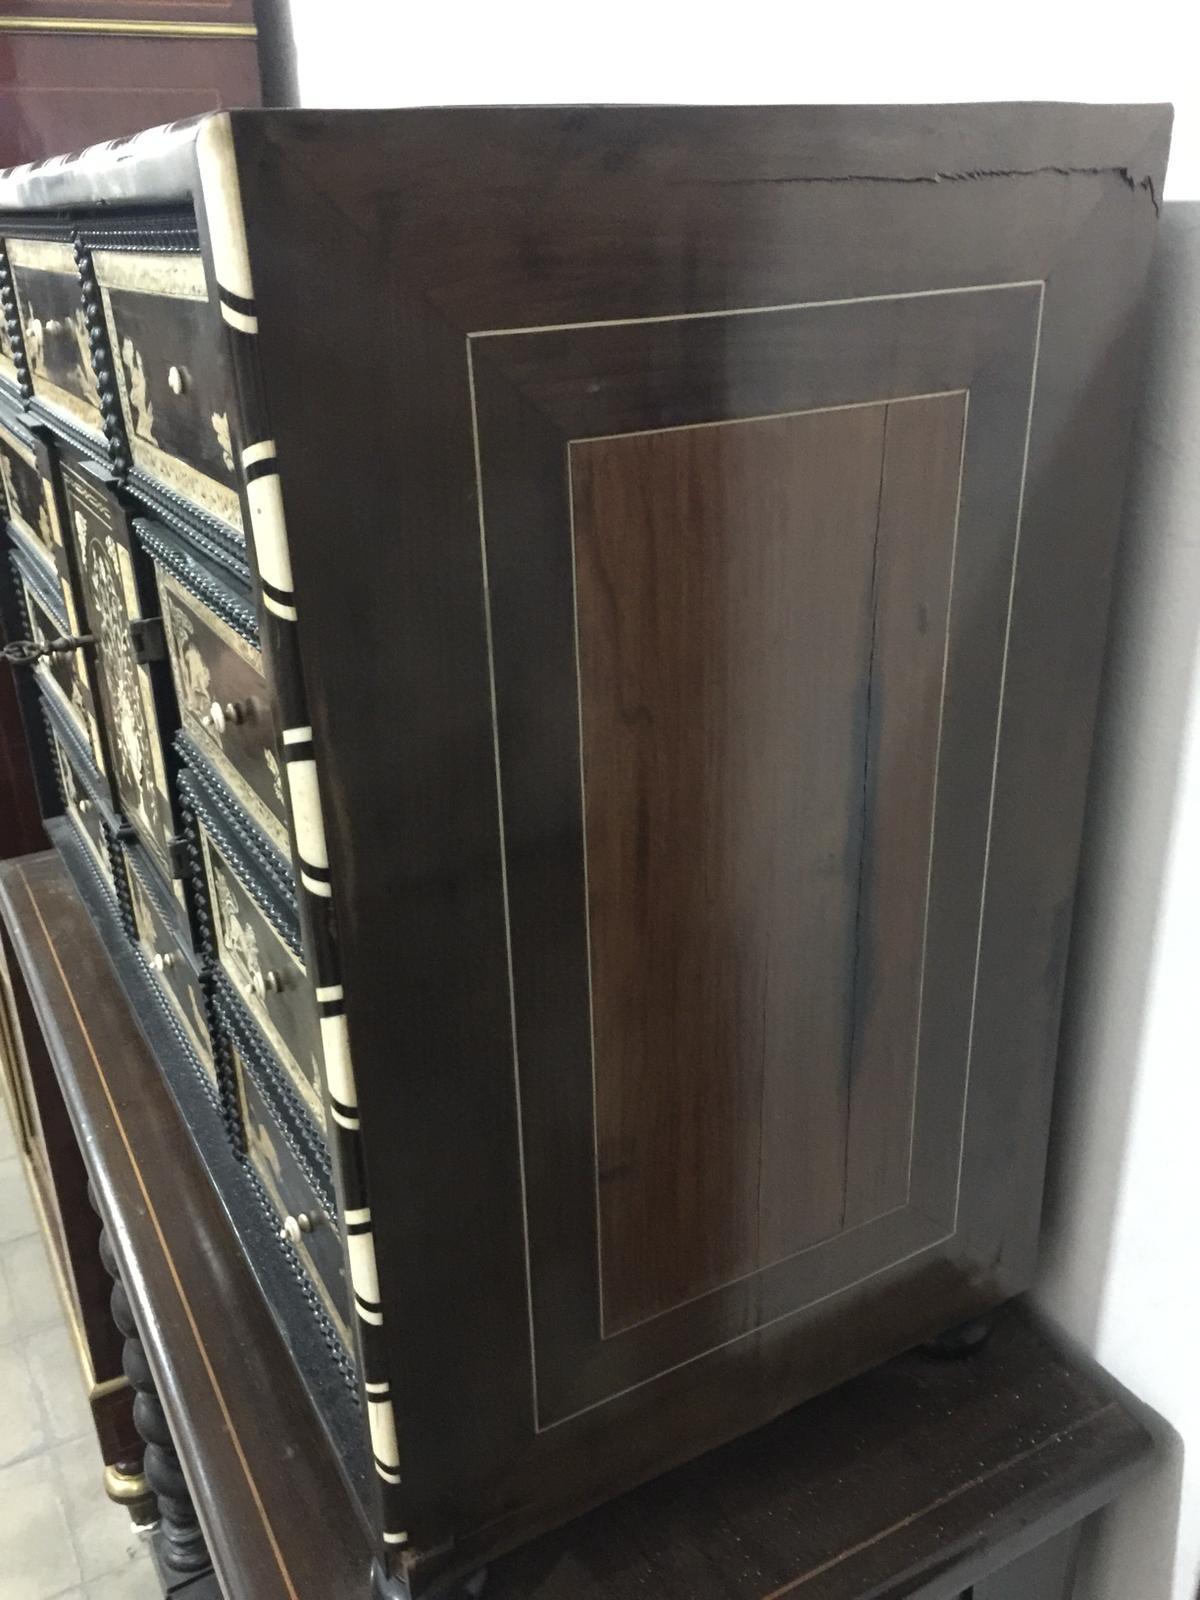 thumb7|Monetiere in ebano violetto e palissandro con intarsi in avorio